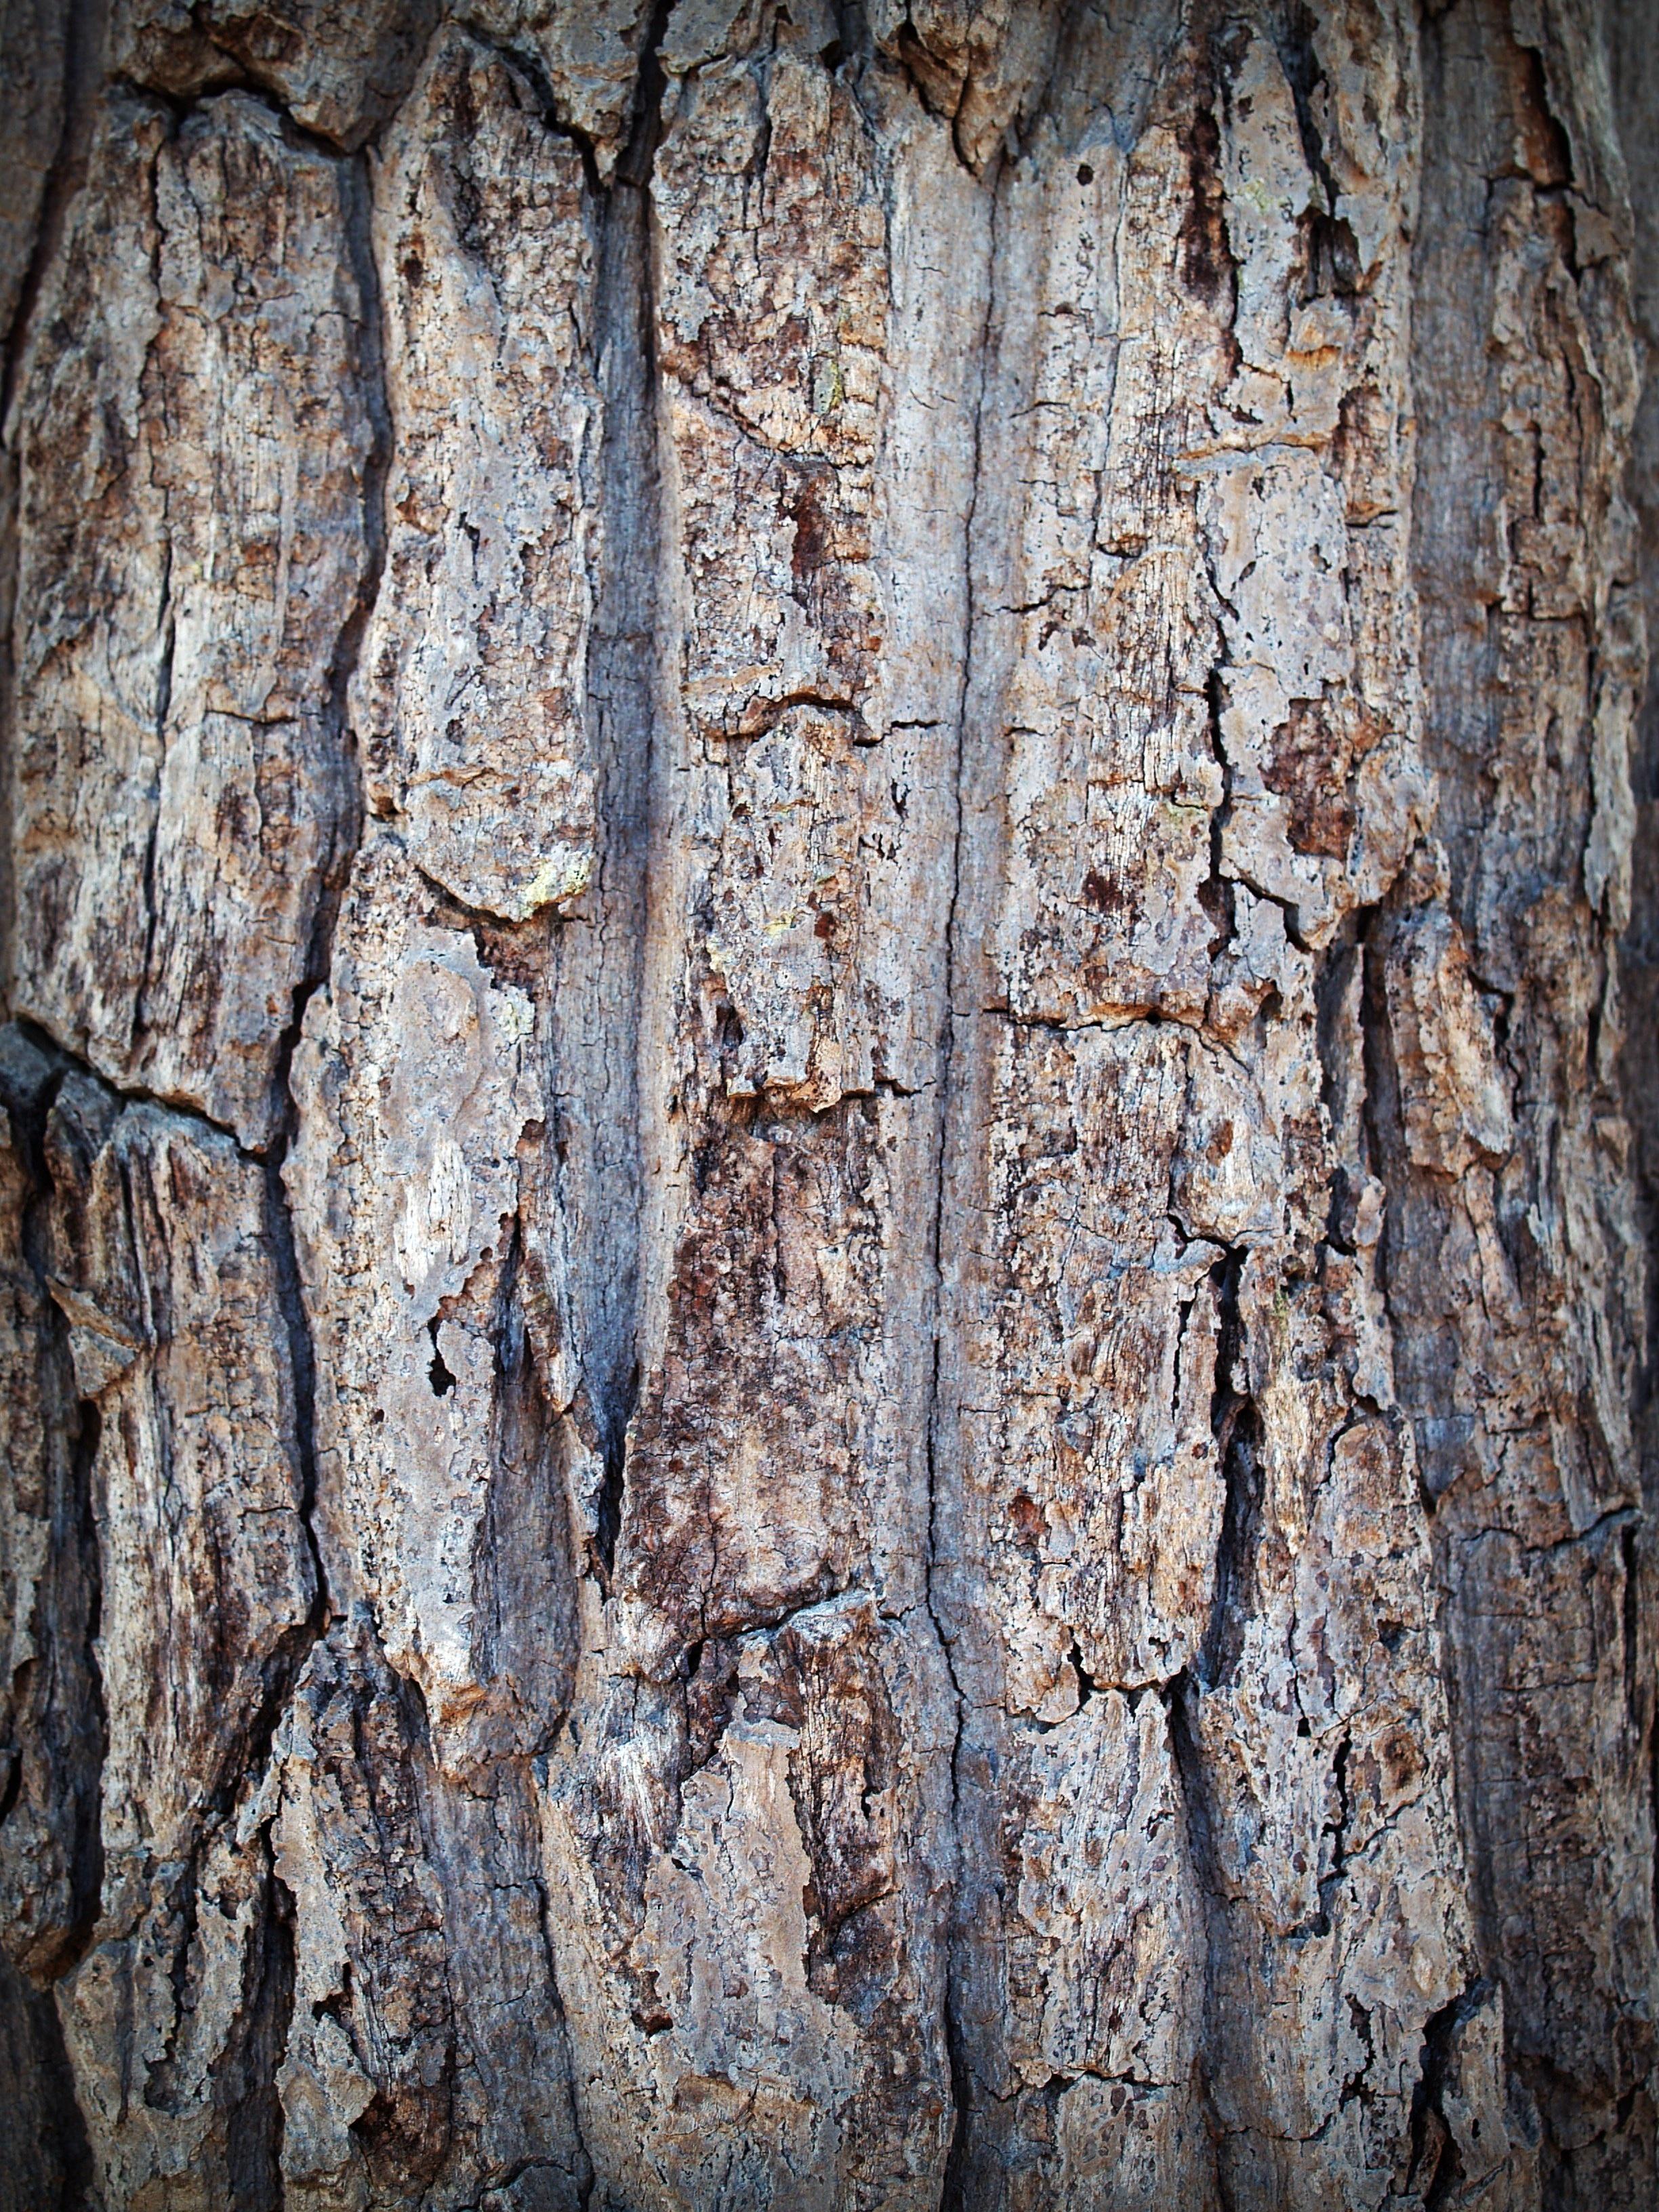 무료 이미지 : 숲, 분기, 추상, 판, 목재, 고대 미술, 조직, 널빤지 ...